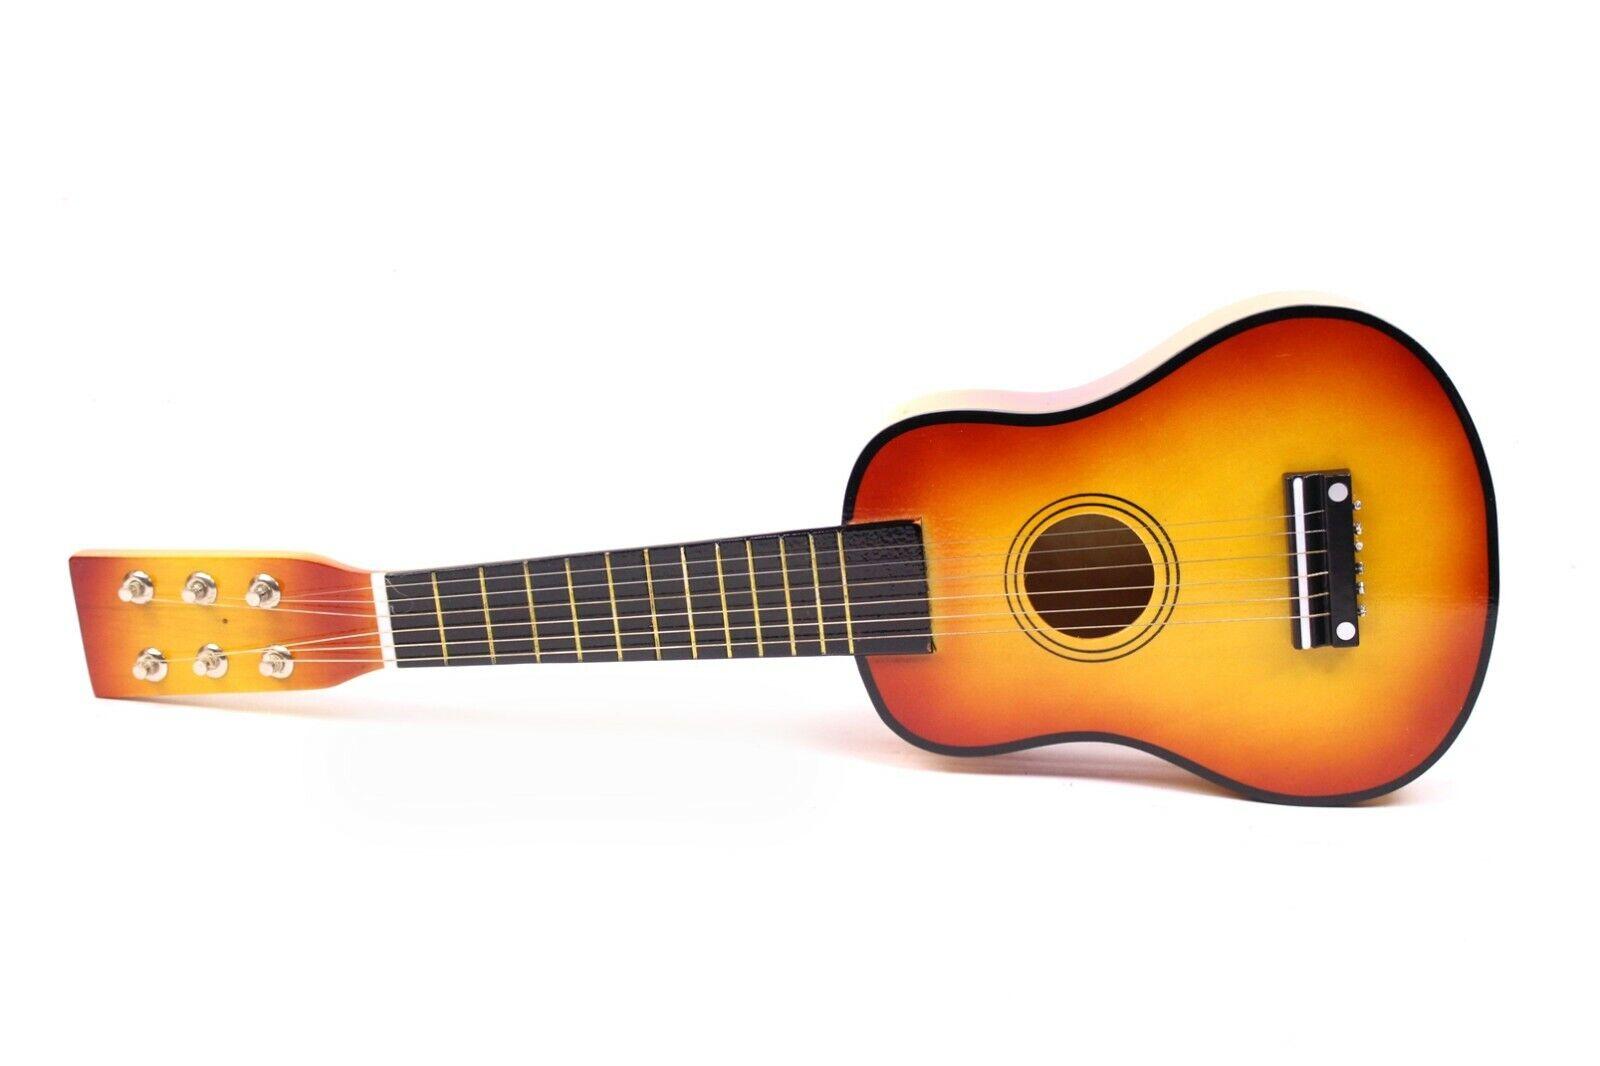 SMALL FOOT Gitarre Musikinstrument für Kinder 52 cm HOLZ Spielzeug Sunburst OVP